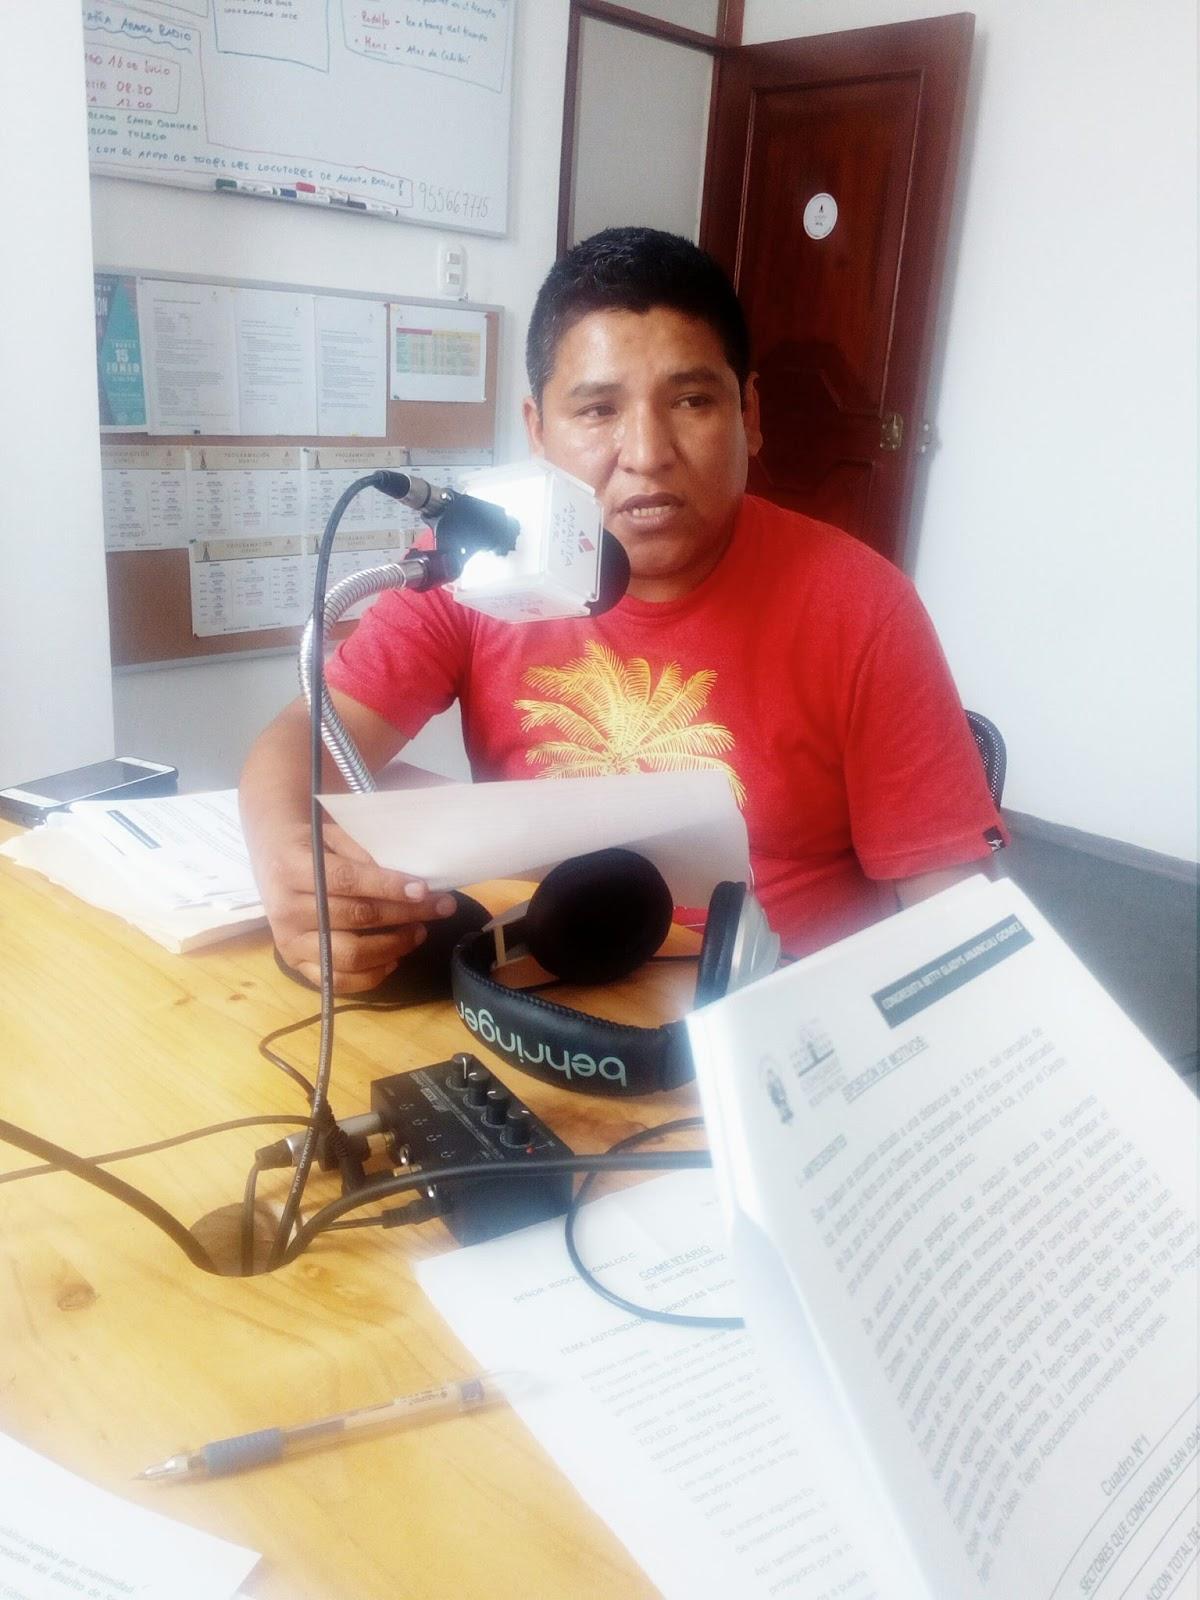 Proyecto de Ley para la creación del distrito de San Joaquín